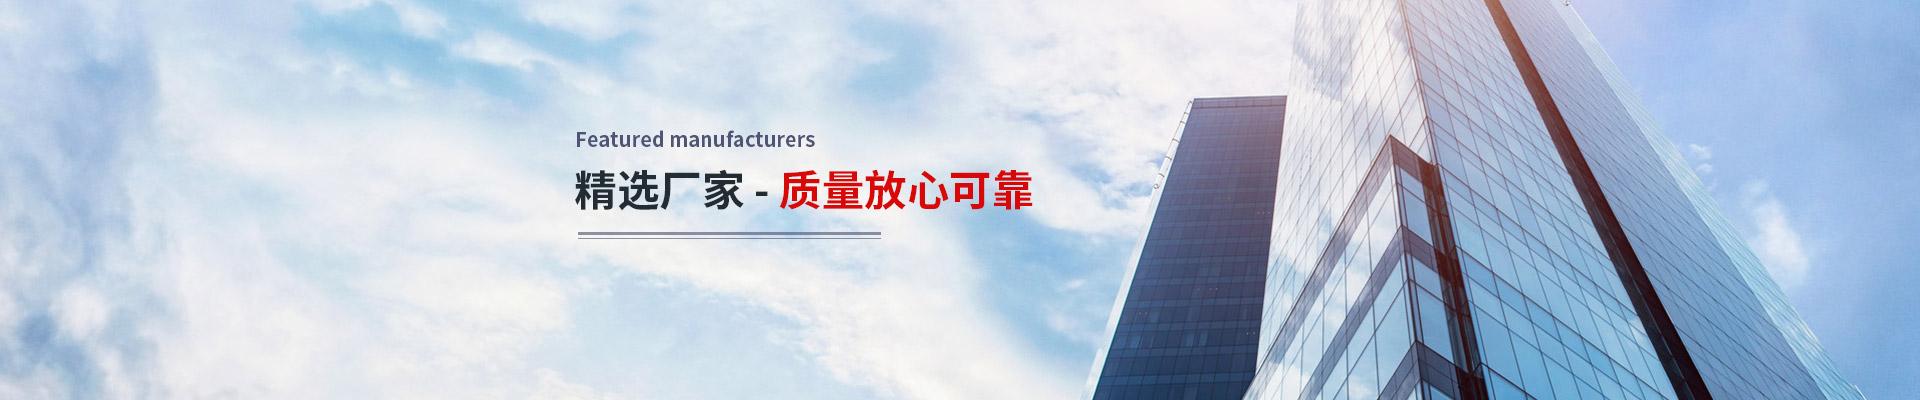 無錫簡述道路貨物運輸哪家便宜「南京雨澤物流有限公司」